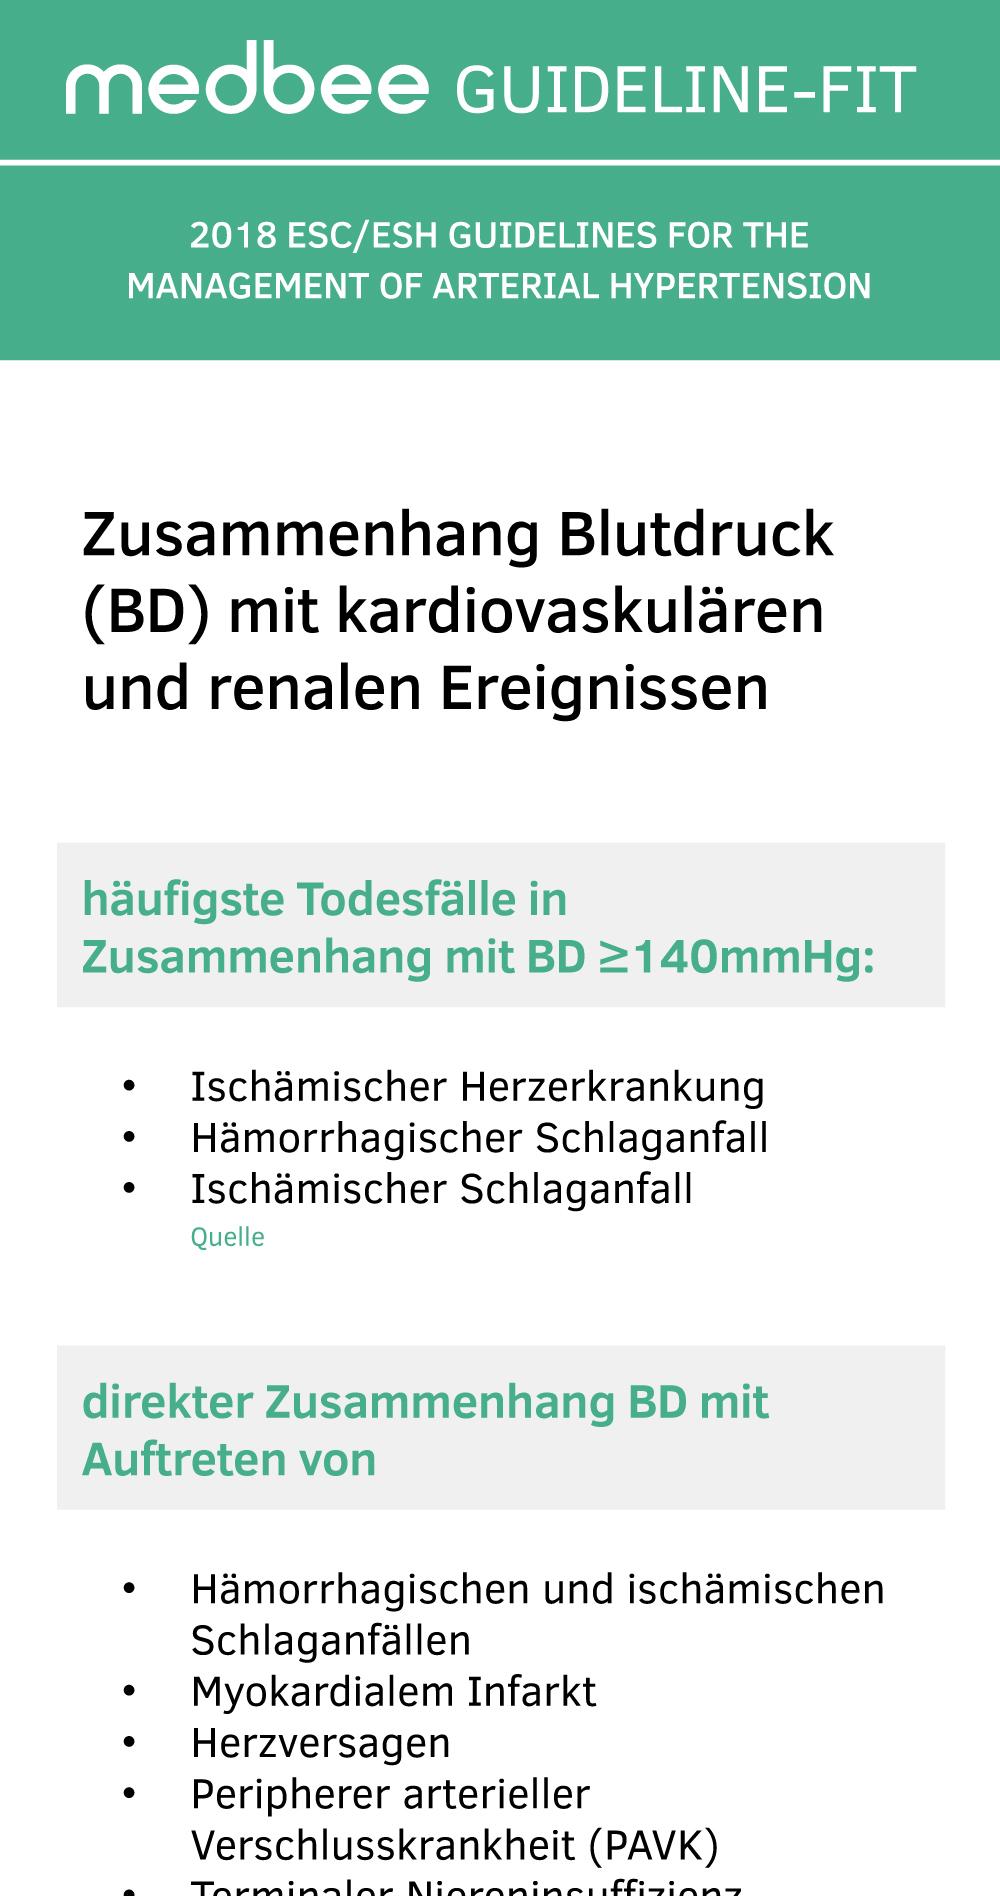 Arterielle Hypertonie GUIDELINE-FIT 02